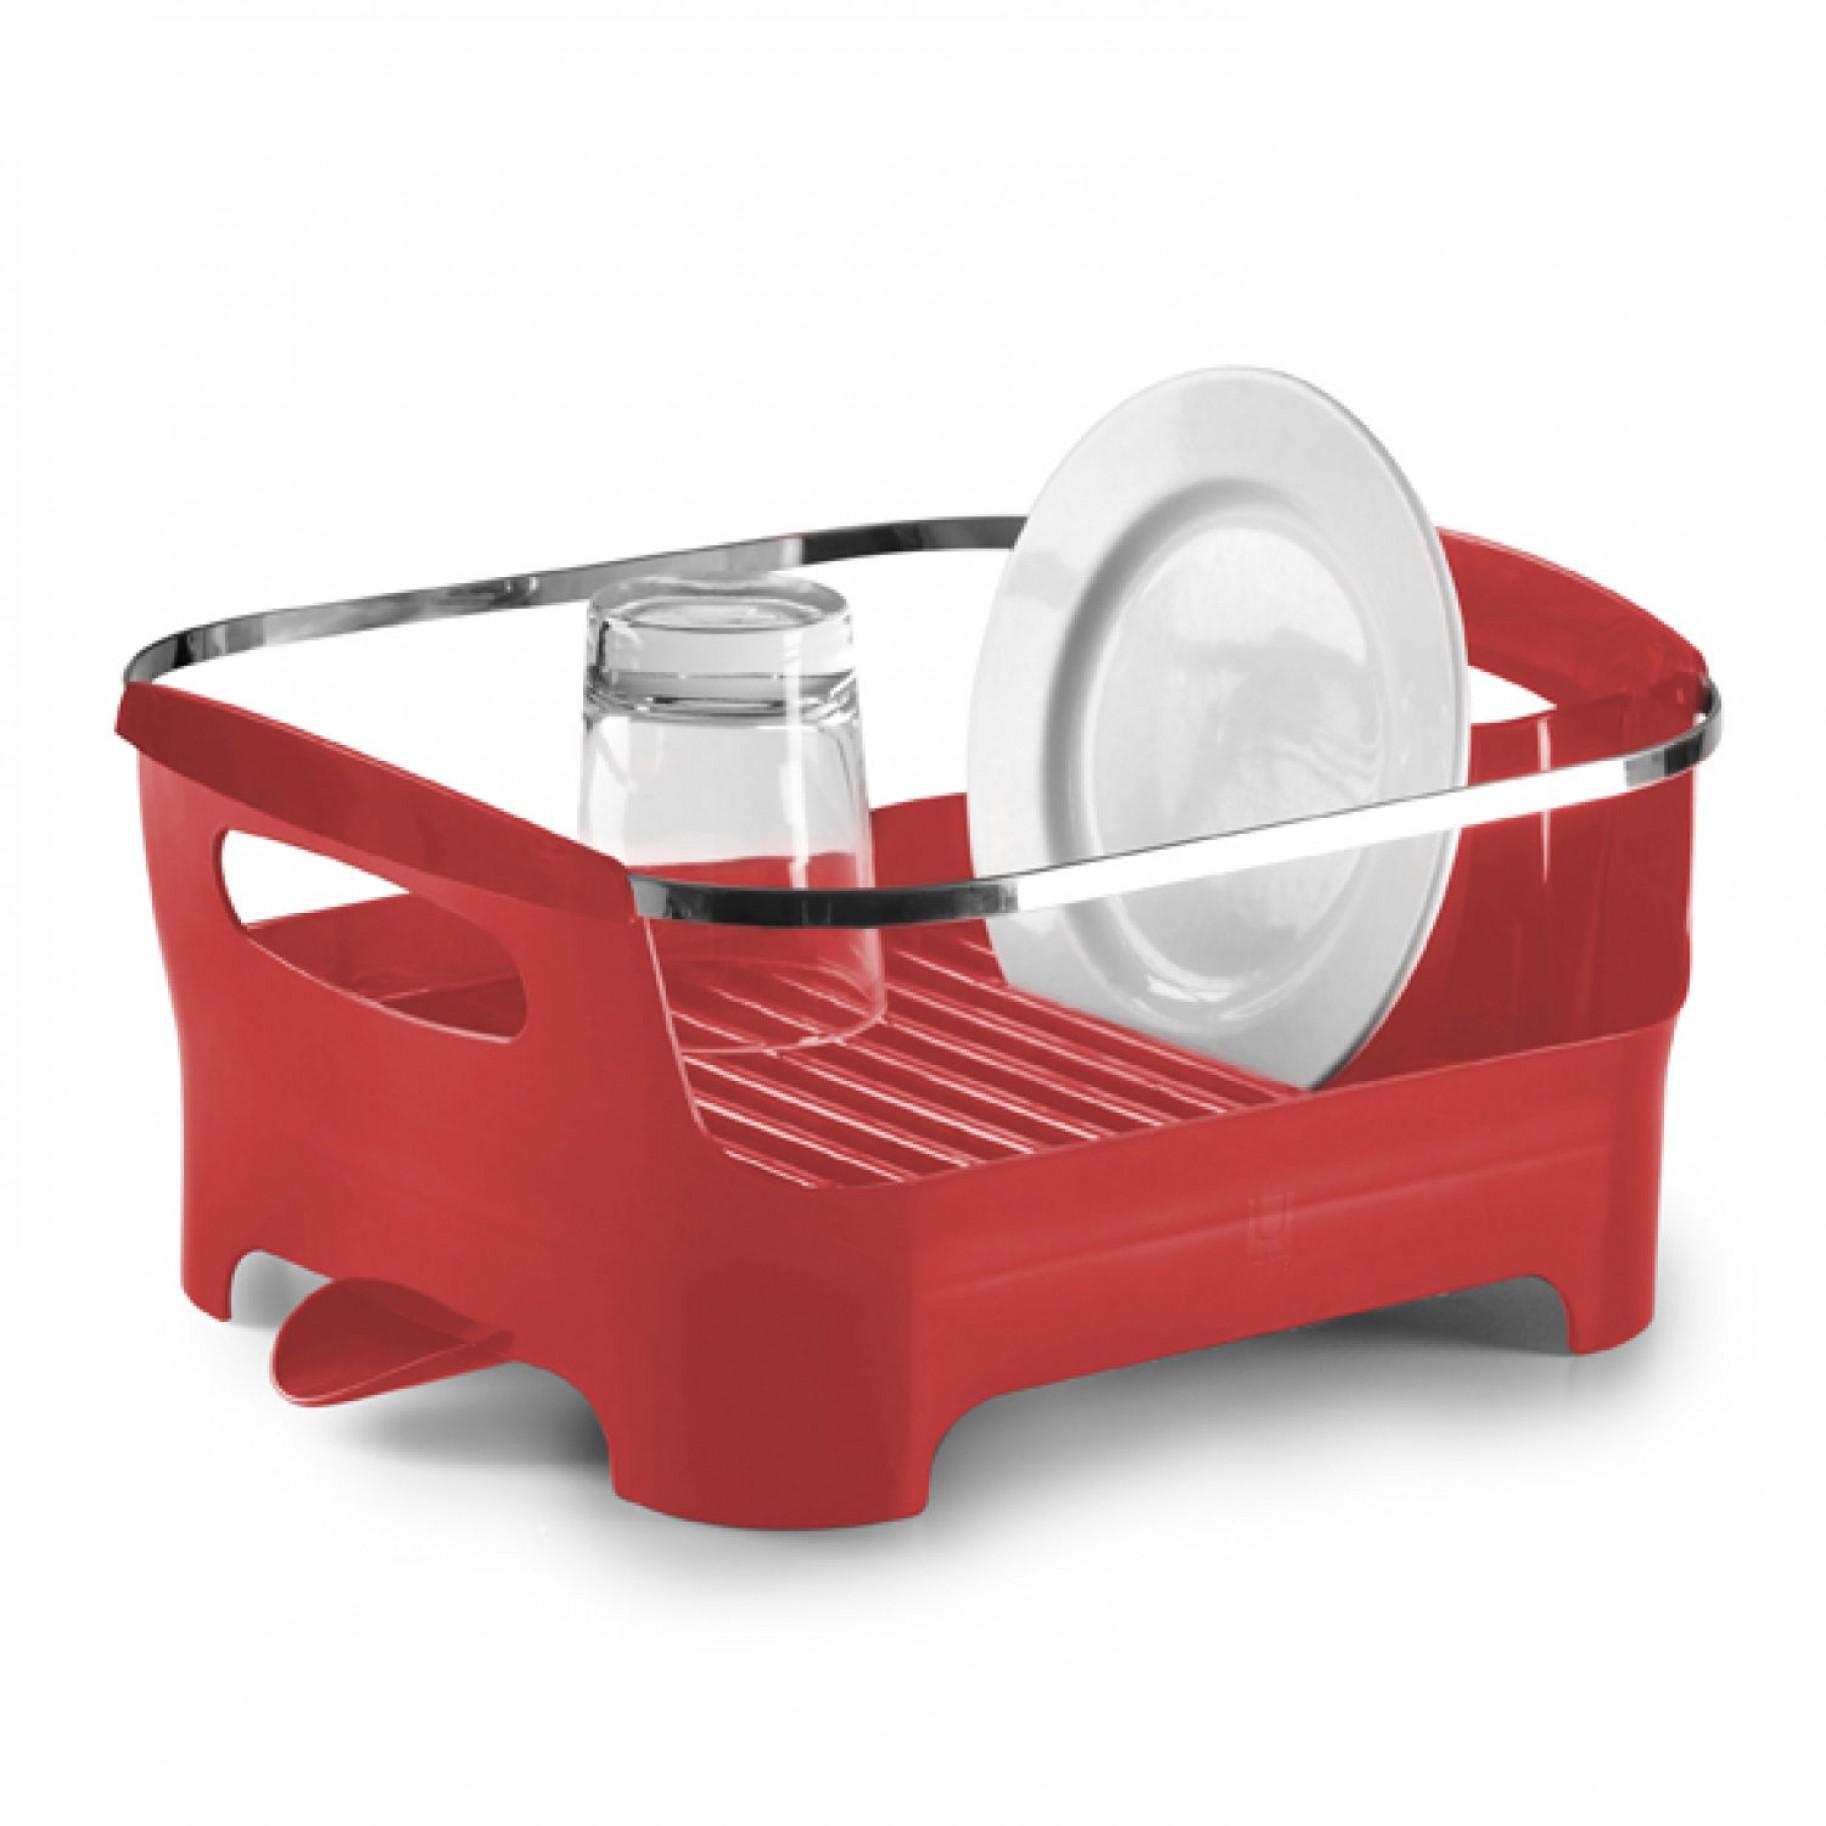 Сушилка для посуды Umbra Basin, цвет: красный, 38 х 33 х 17 см330591-505Сушилка для посуды Umbra Basin изготовлена из высококачественного пластика без содержания вредного бисфенола. Компактный дизайн изделия создает большое пространство для хранения и сушки посуды. Пространство для посуды ограждено бортиком, в котором есть удобные ручки для переноски, а главное, тарелки случайно не выпадут и не разобьются. Вода со свежевымытой посуды через желобки для тарелок стекает вниз, в специальное отделение, где собирается и выводится через носик на боку сушилки. Вы можете поставить ее в раковину или на рабочую поверхность рядом.Размер сушилки: 38 см х 33 см х 17 см.